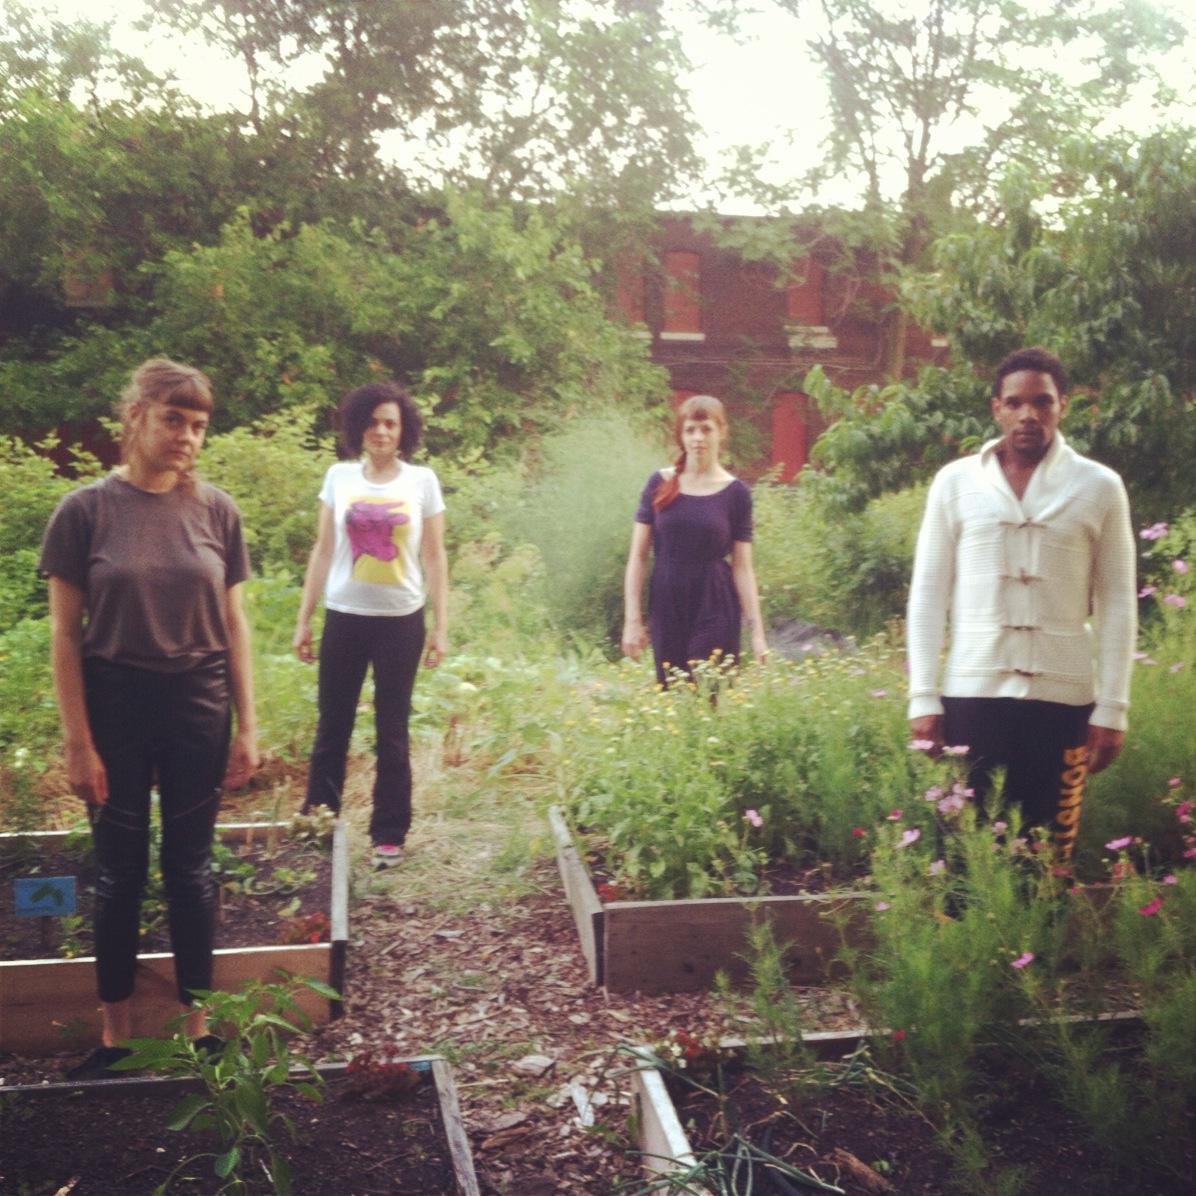 ahop+garden+photo.jpg